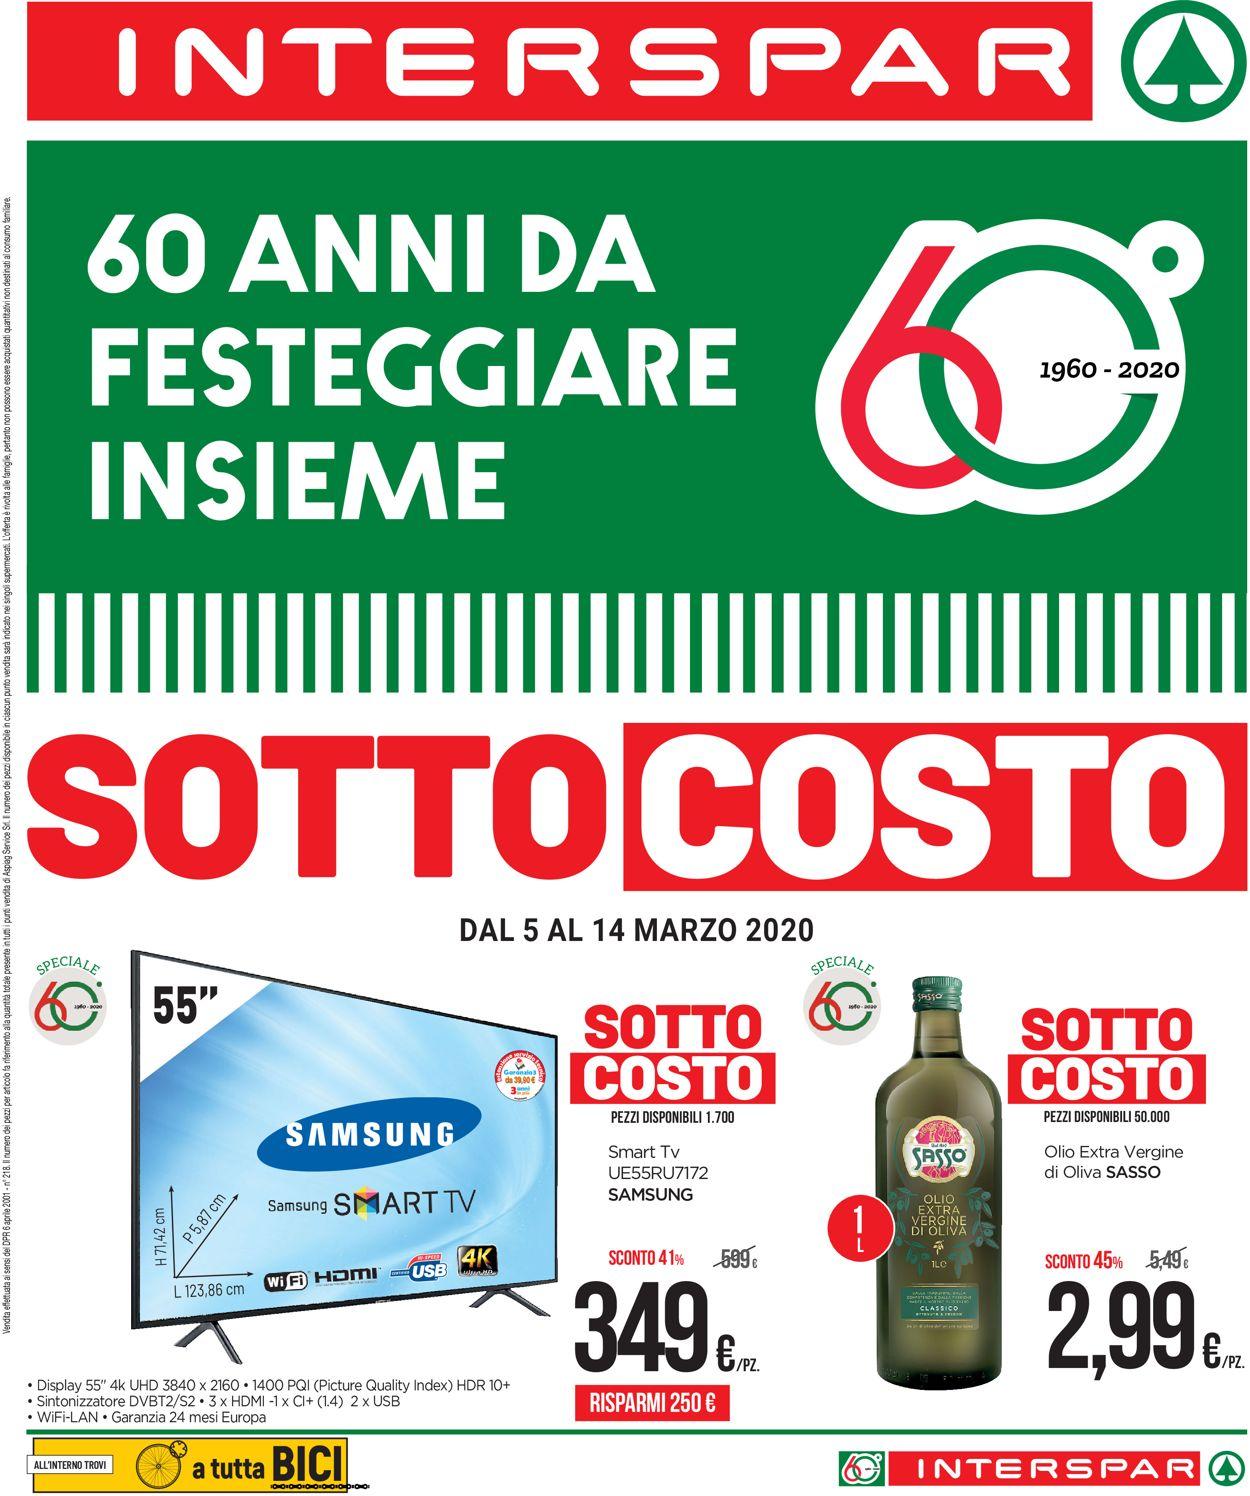 Volantino Interspar - Offerte 05/03-14/03/2020